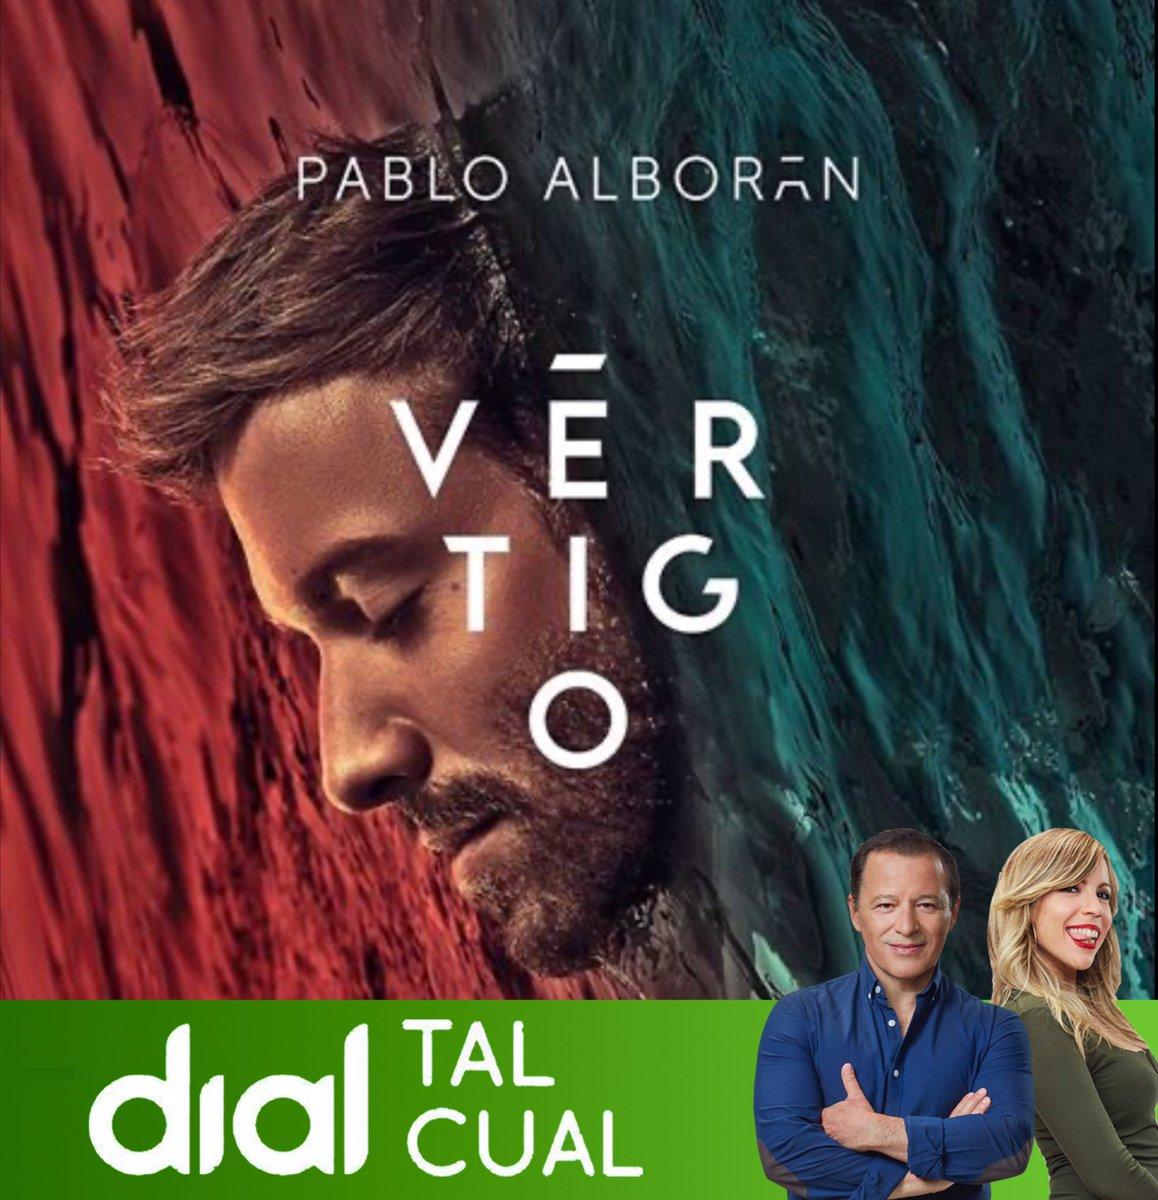 Este sábado en @Dialtalcual te contamos todo lo que nos ha dicho @pabloalboran de su nuevo álbum y nos ha dado Vértigo. RT #EscuchoDialTalCual @PatriciaImaz @Cadena_Dial https://t.co/FVkh82oC9g